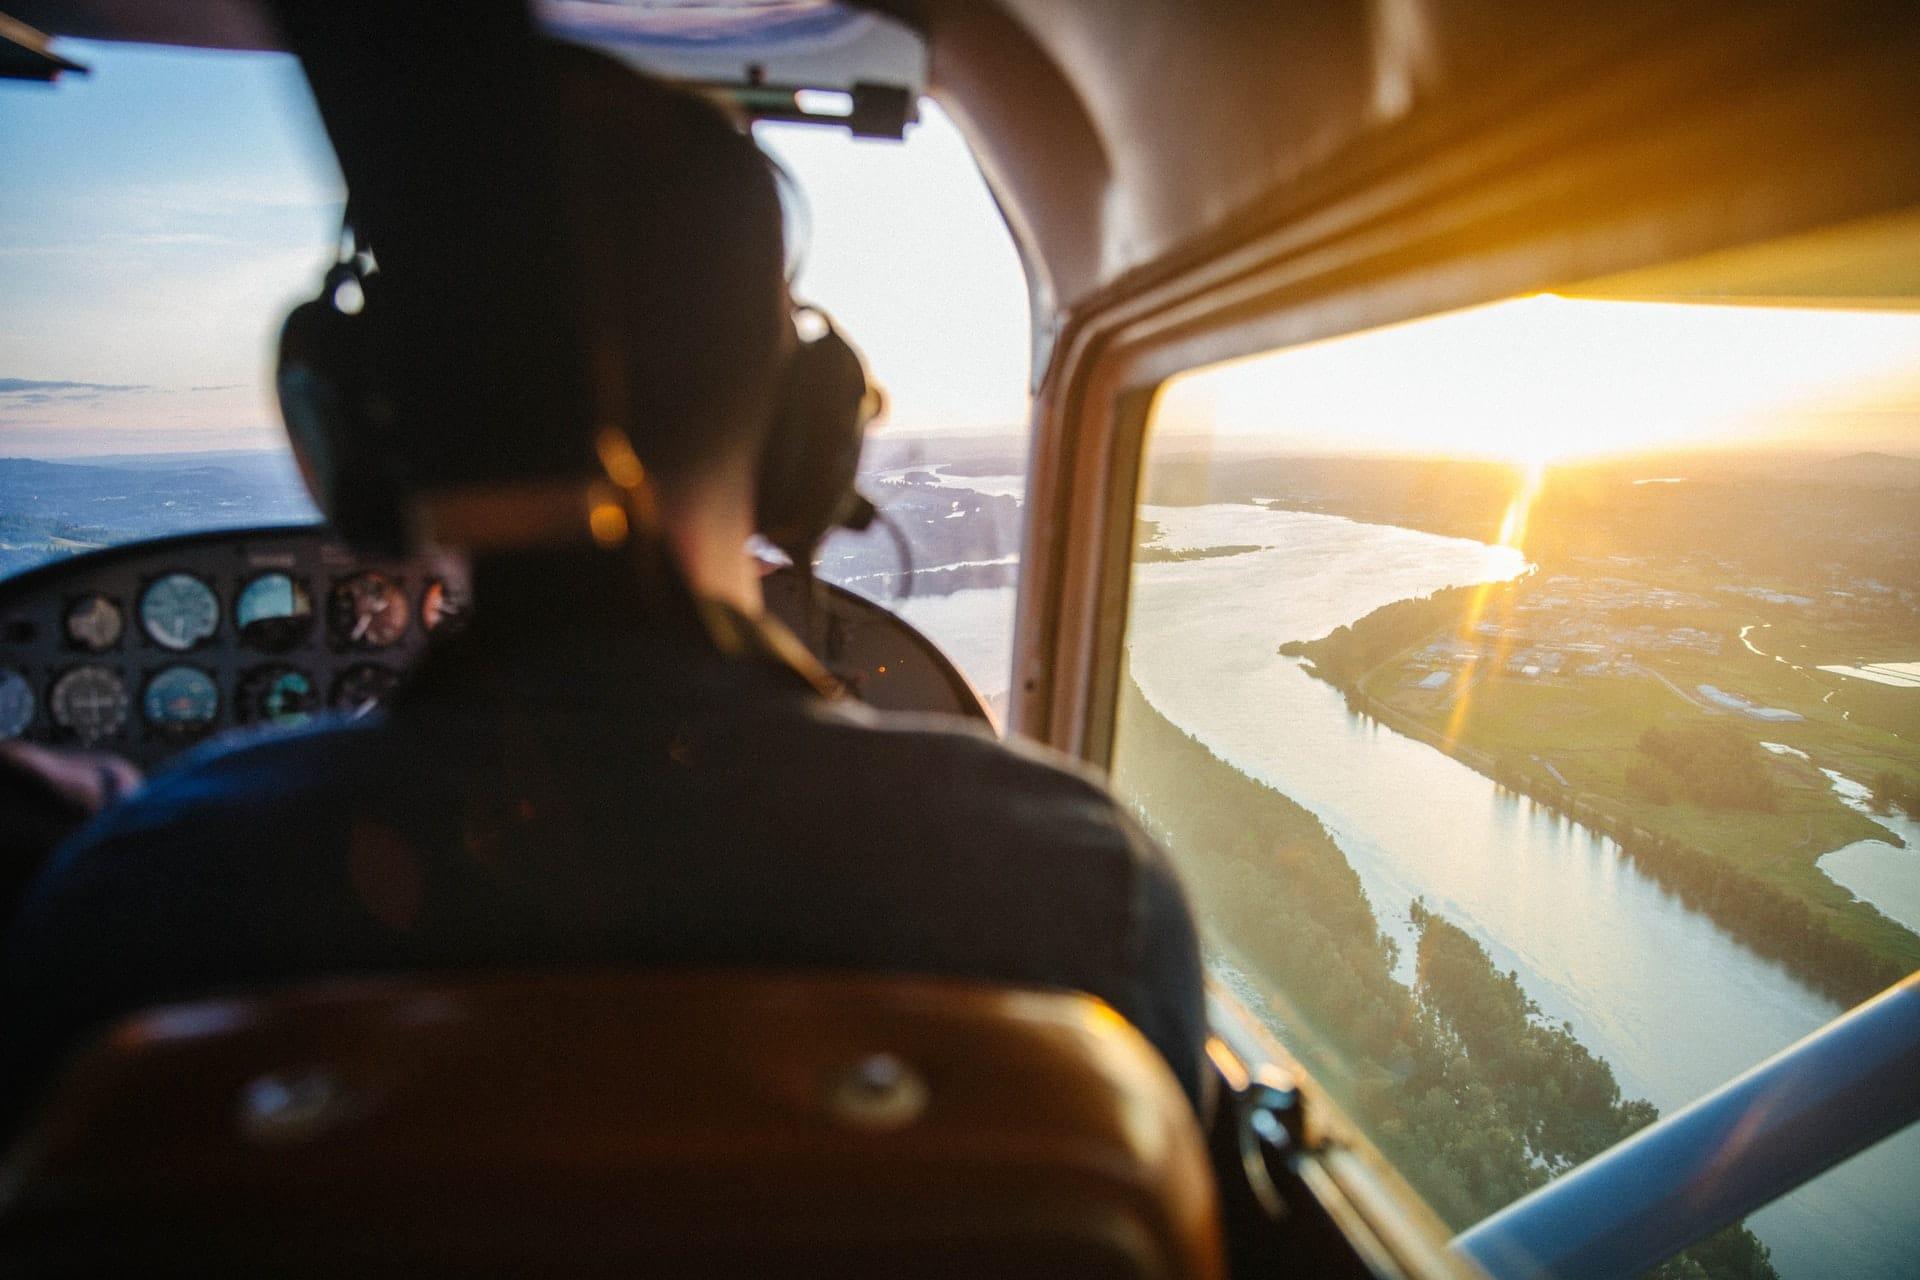 cours de pilotage paris vol leçon expérience découverte